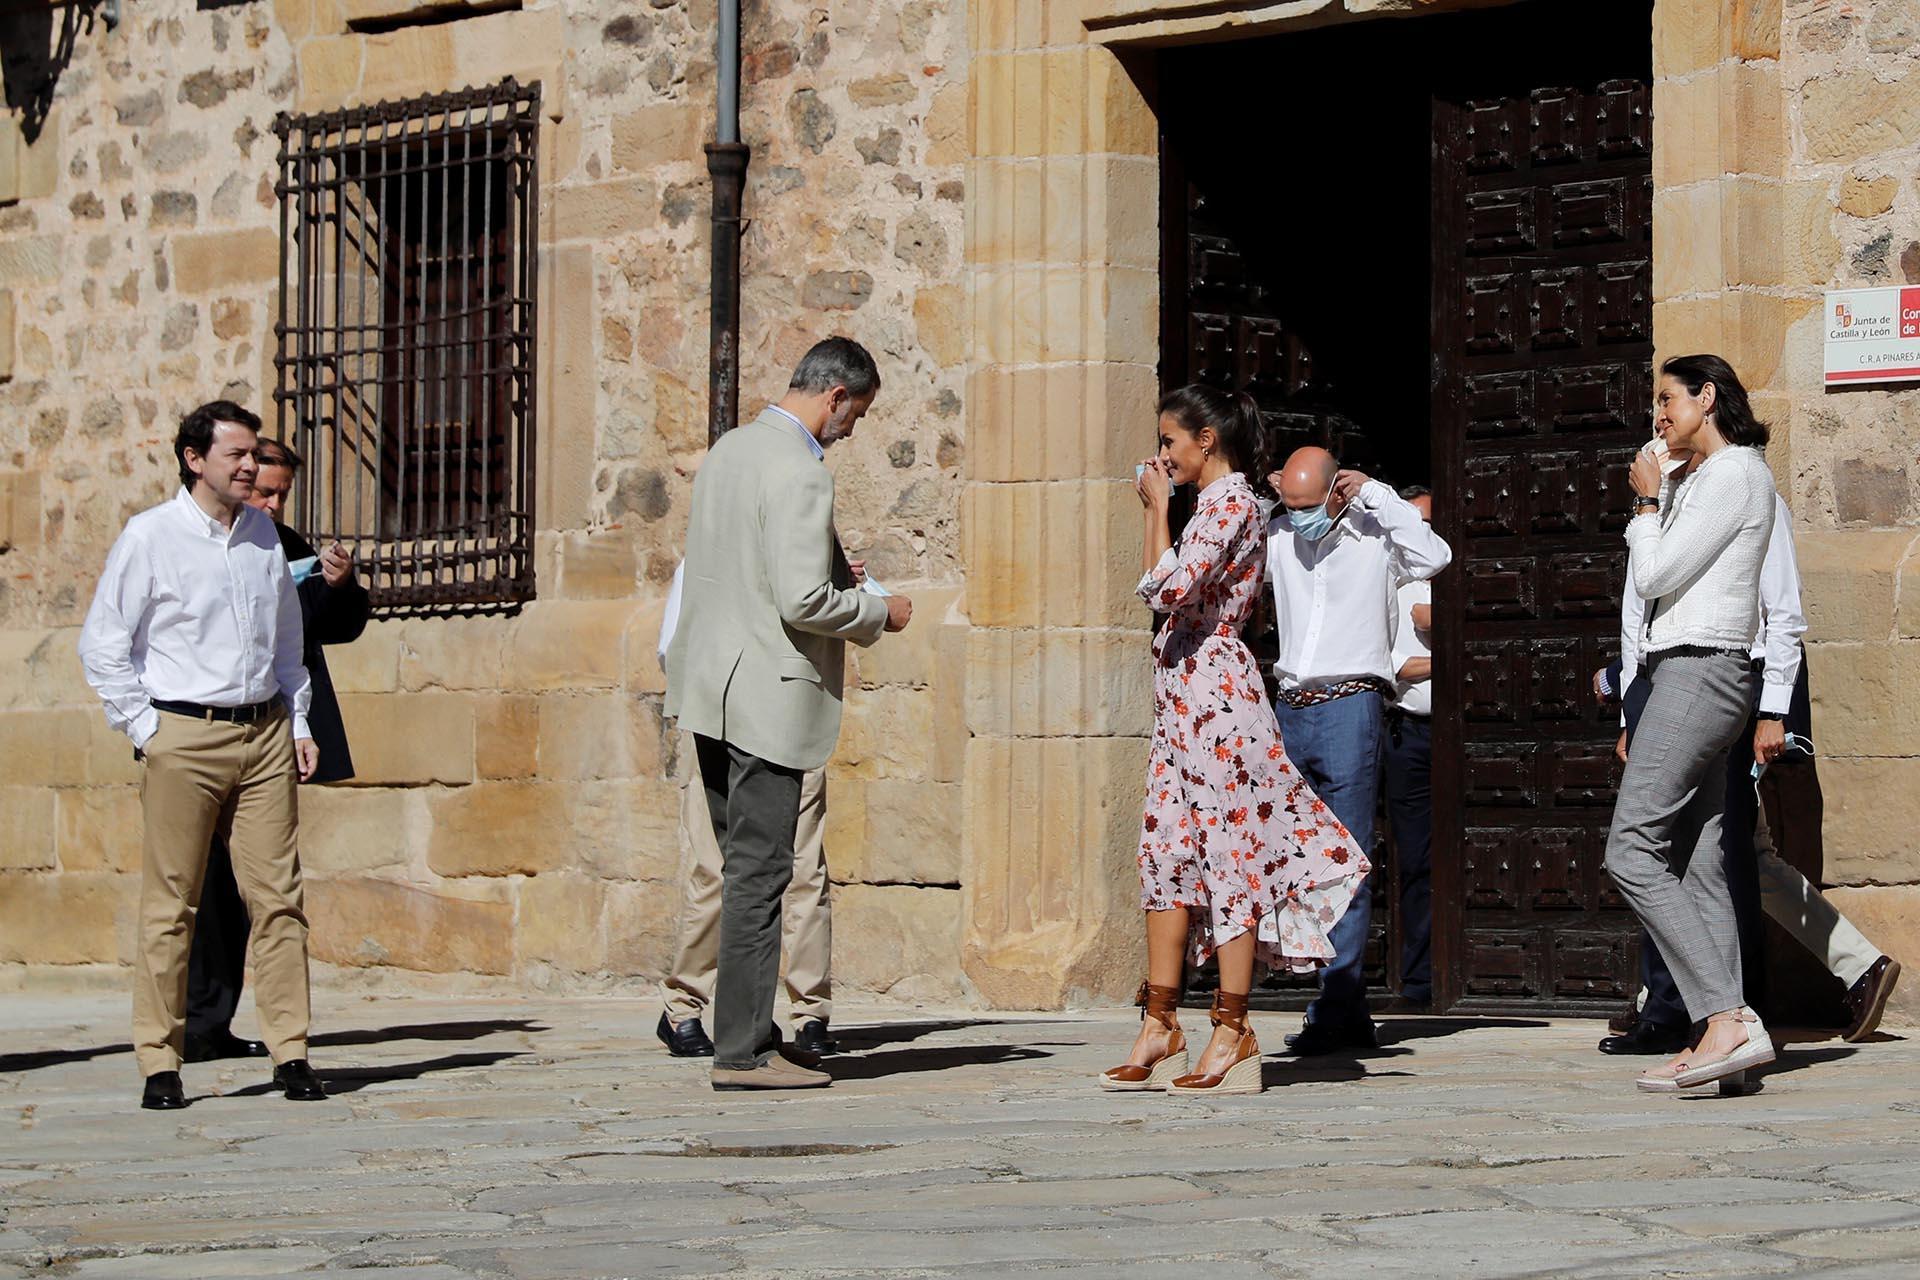 Castilla y León es la novena comunidad autónoma que recorren los reyes Felipe y Letizia, en agradecimiento por el esfuerzo hecho durante la pandemia y para transmitir su apoyo ante el escenario de crisis en el que está inmerso el país